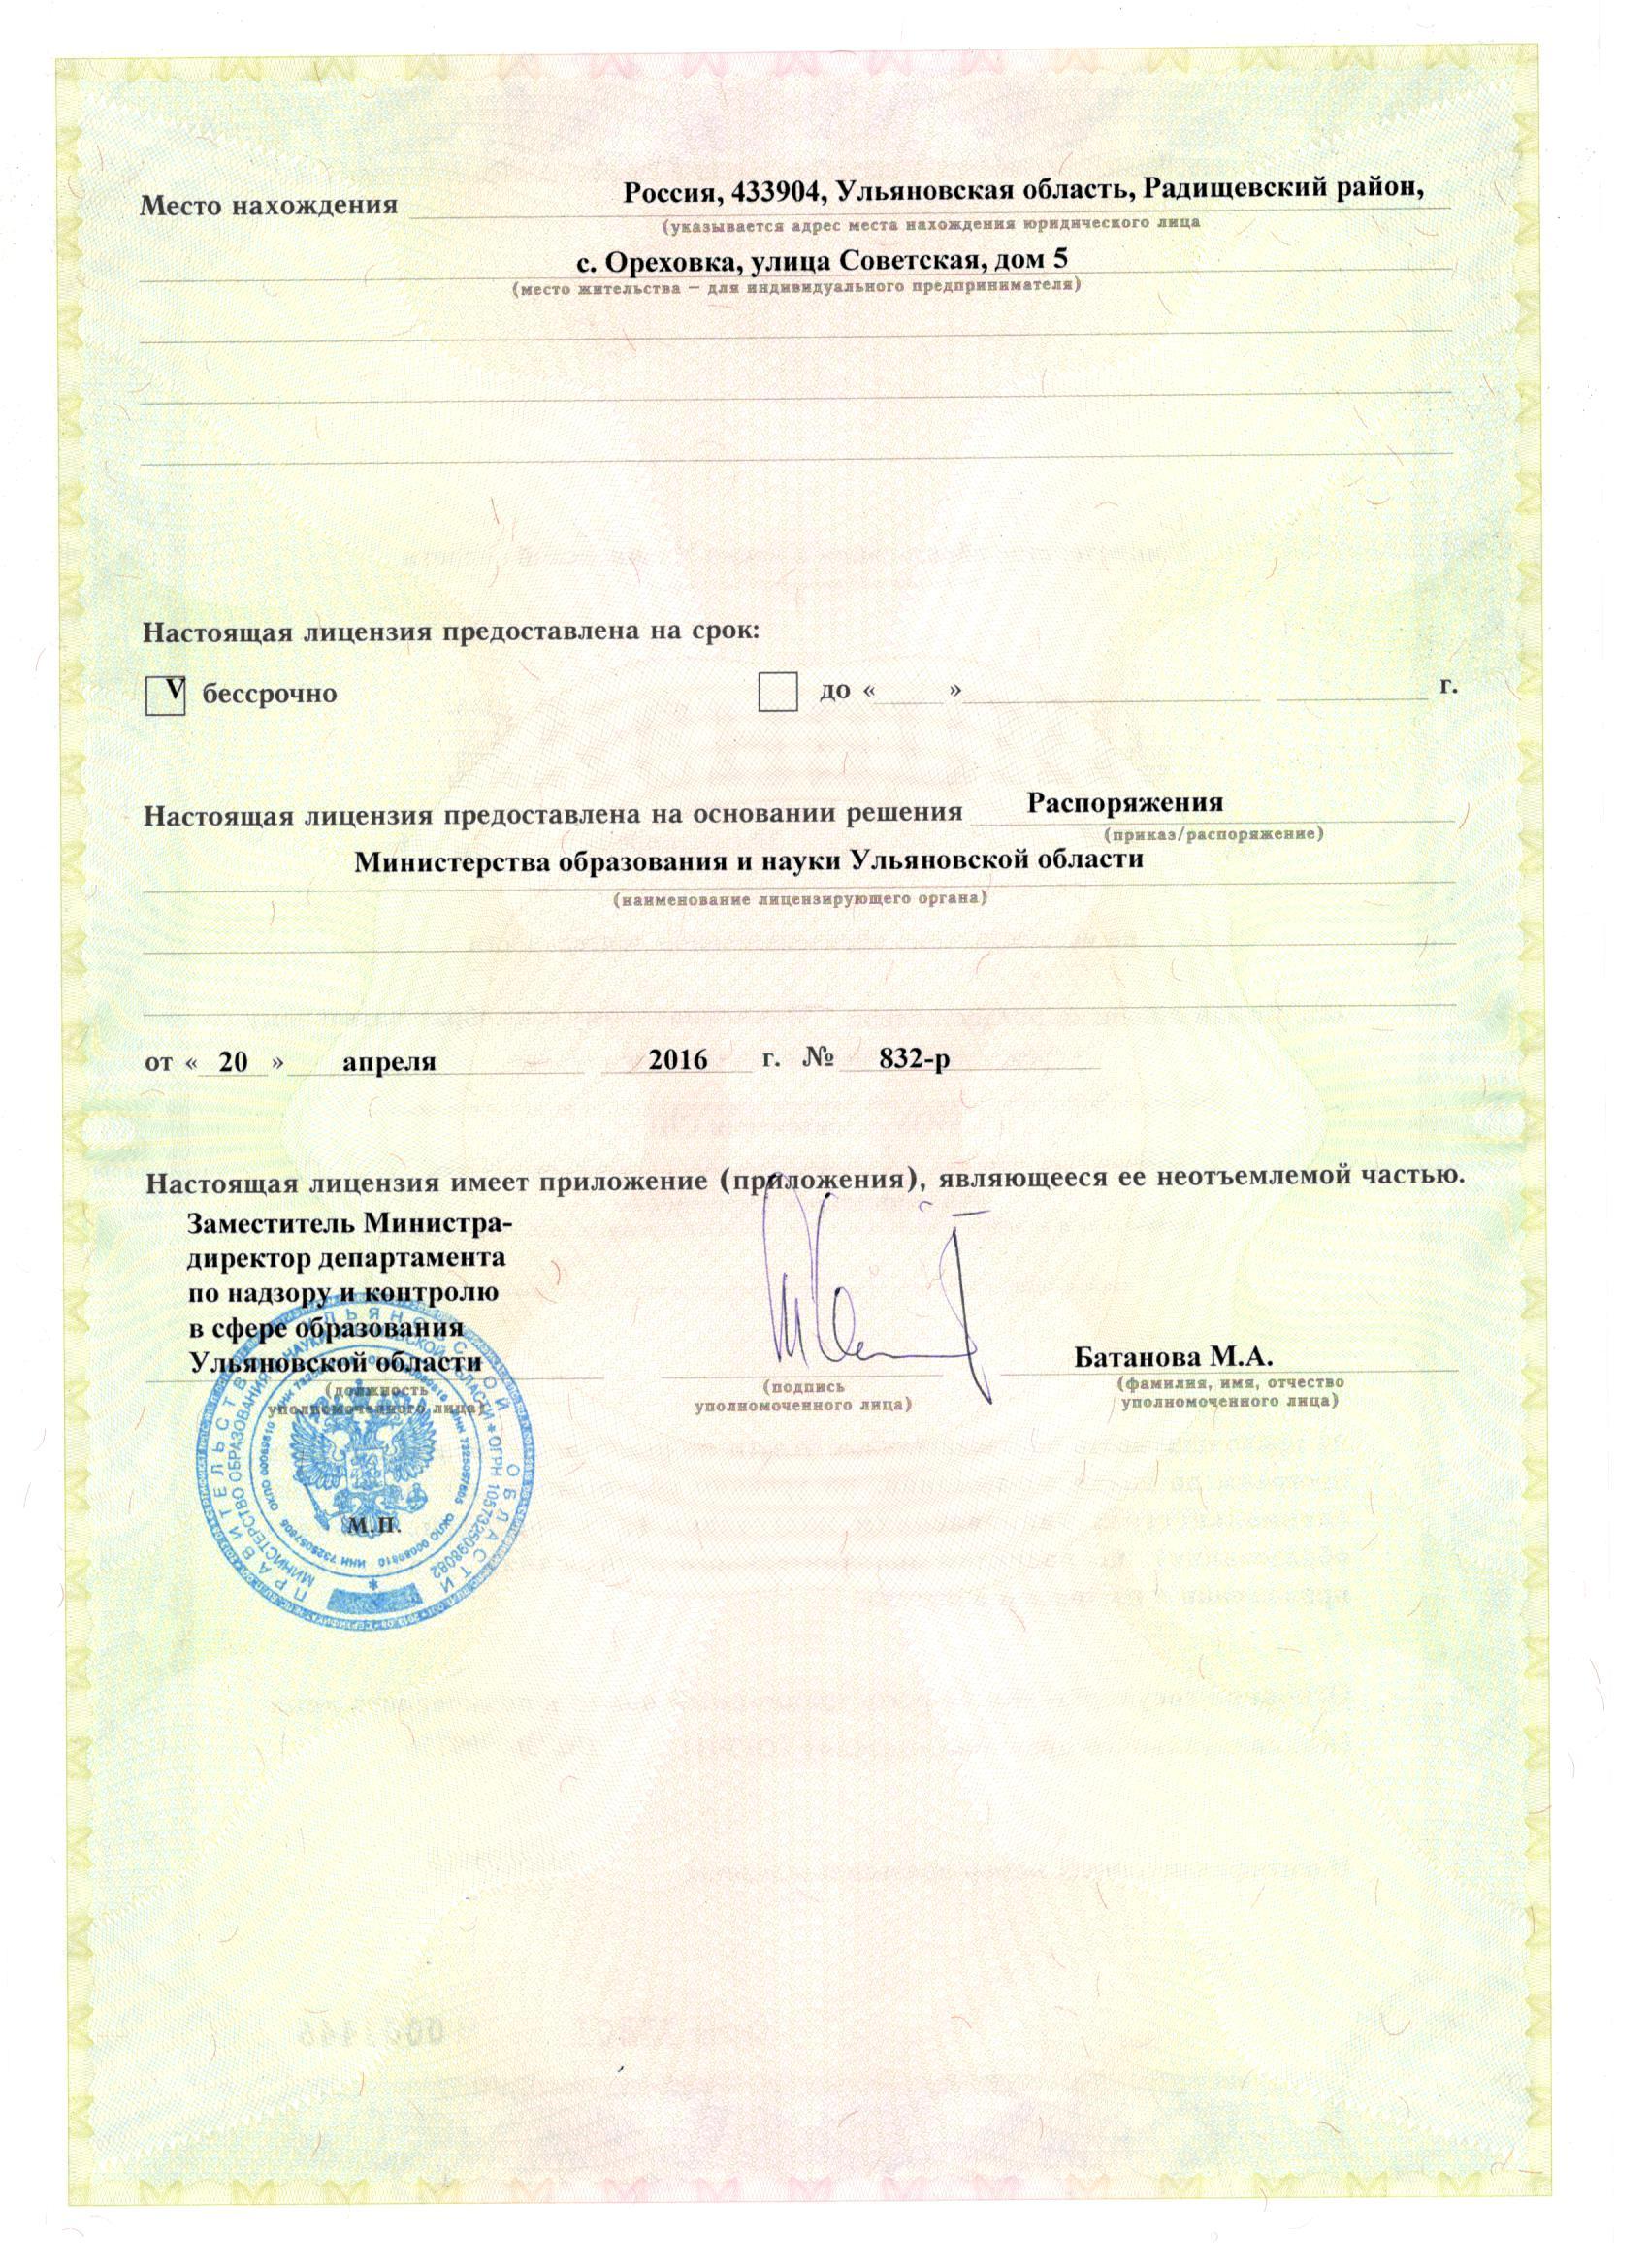 http://orex-shcool.ucoz.ru/swedeniya/dokumenti/foto/licenzija11.jpg